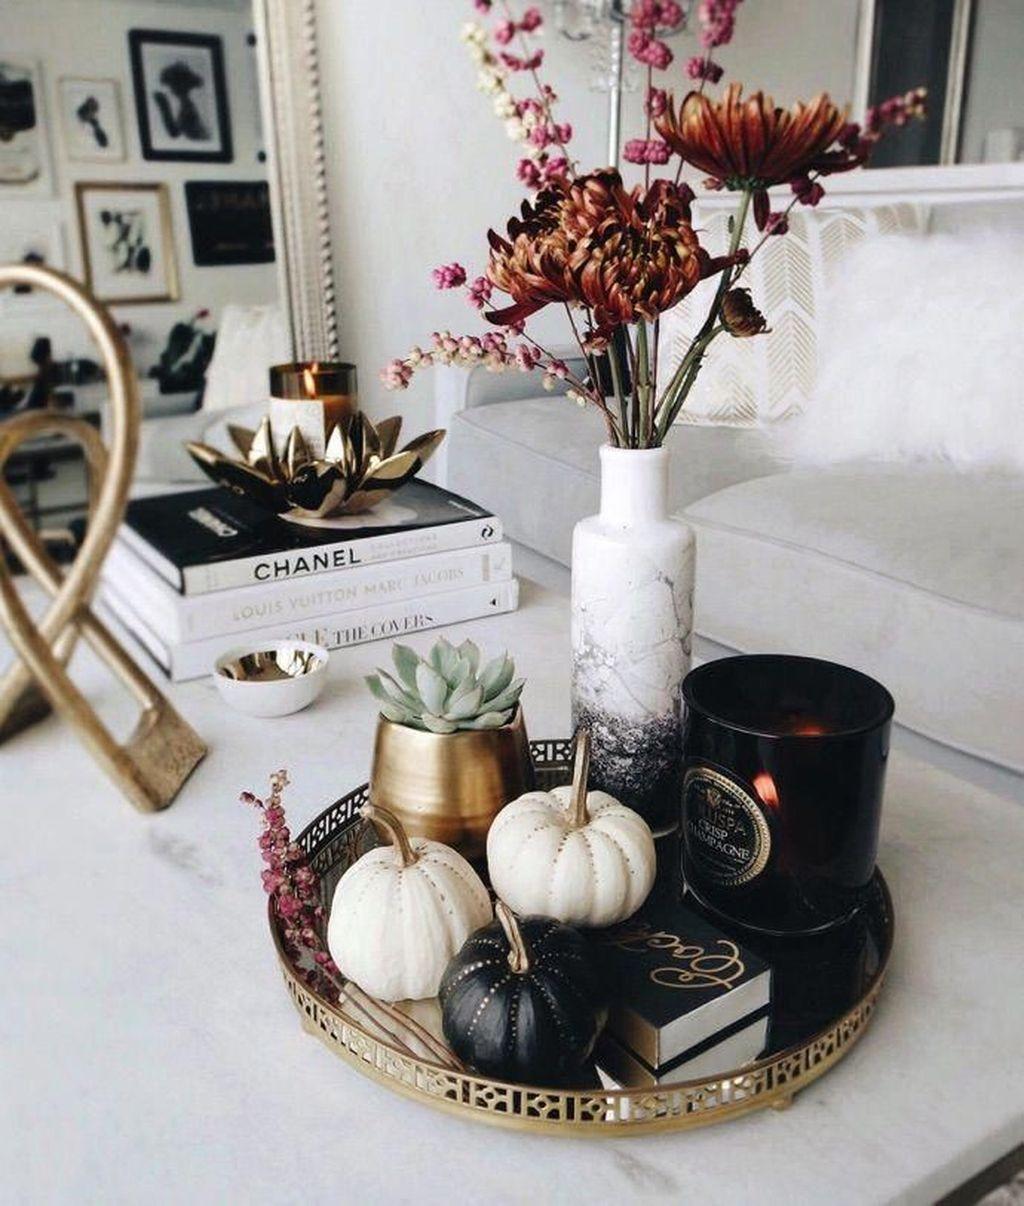 Inspiring Fall Living Room Decor Ideas On A Budget 30